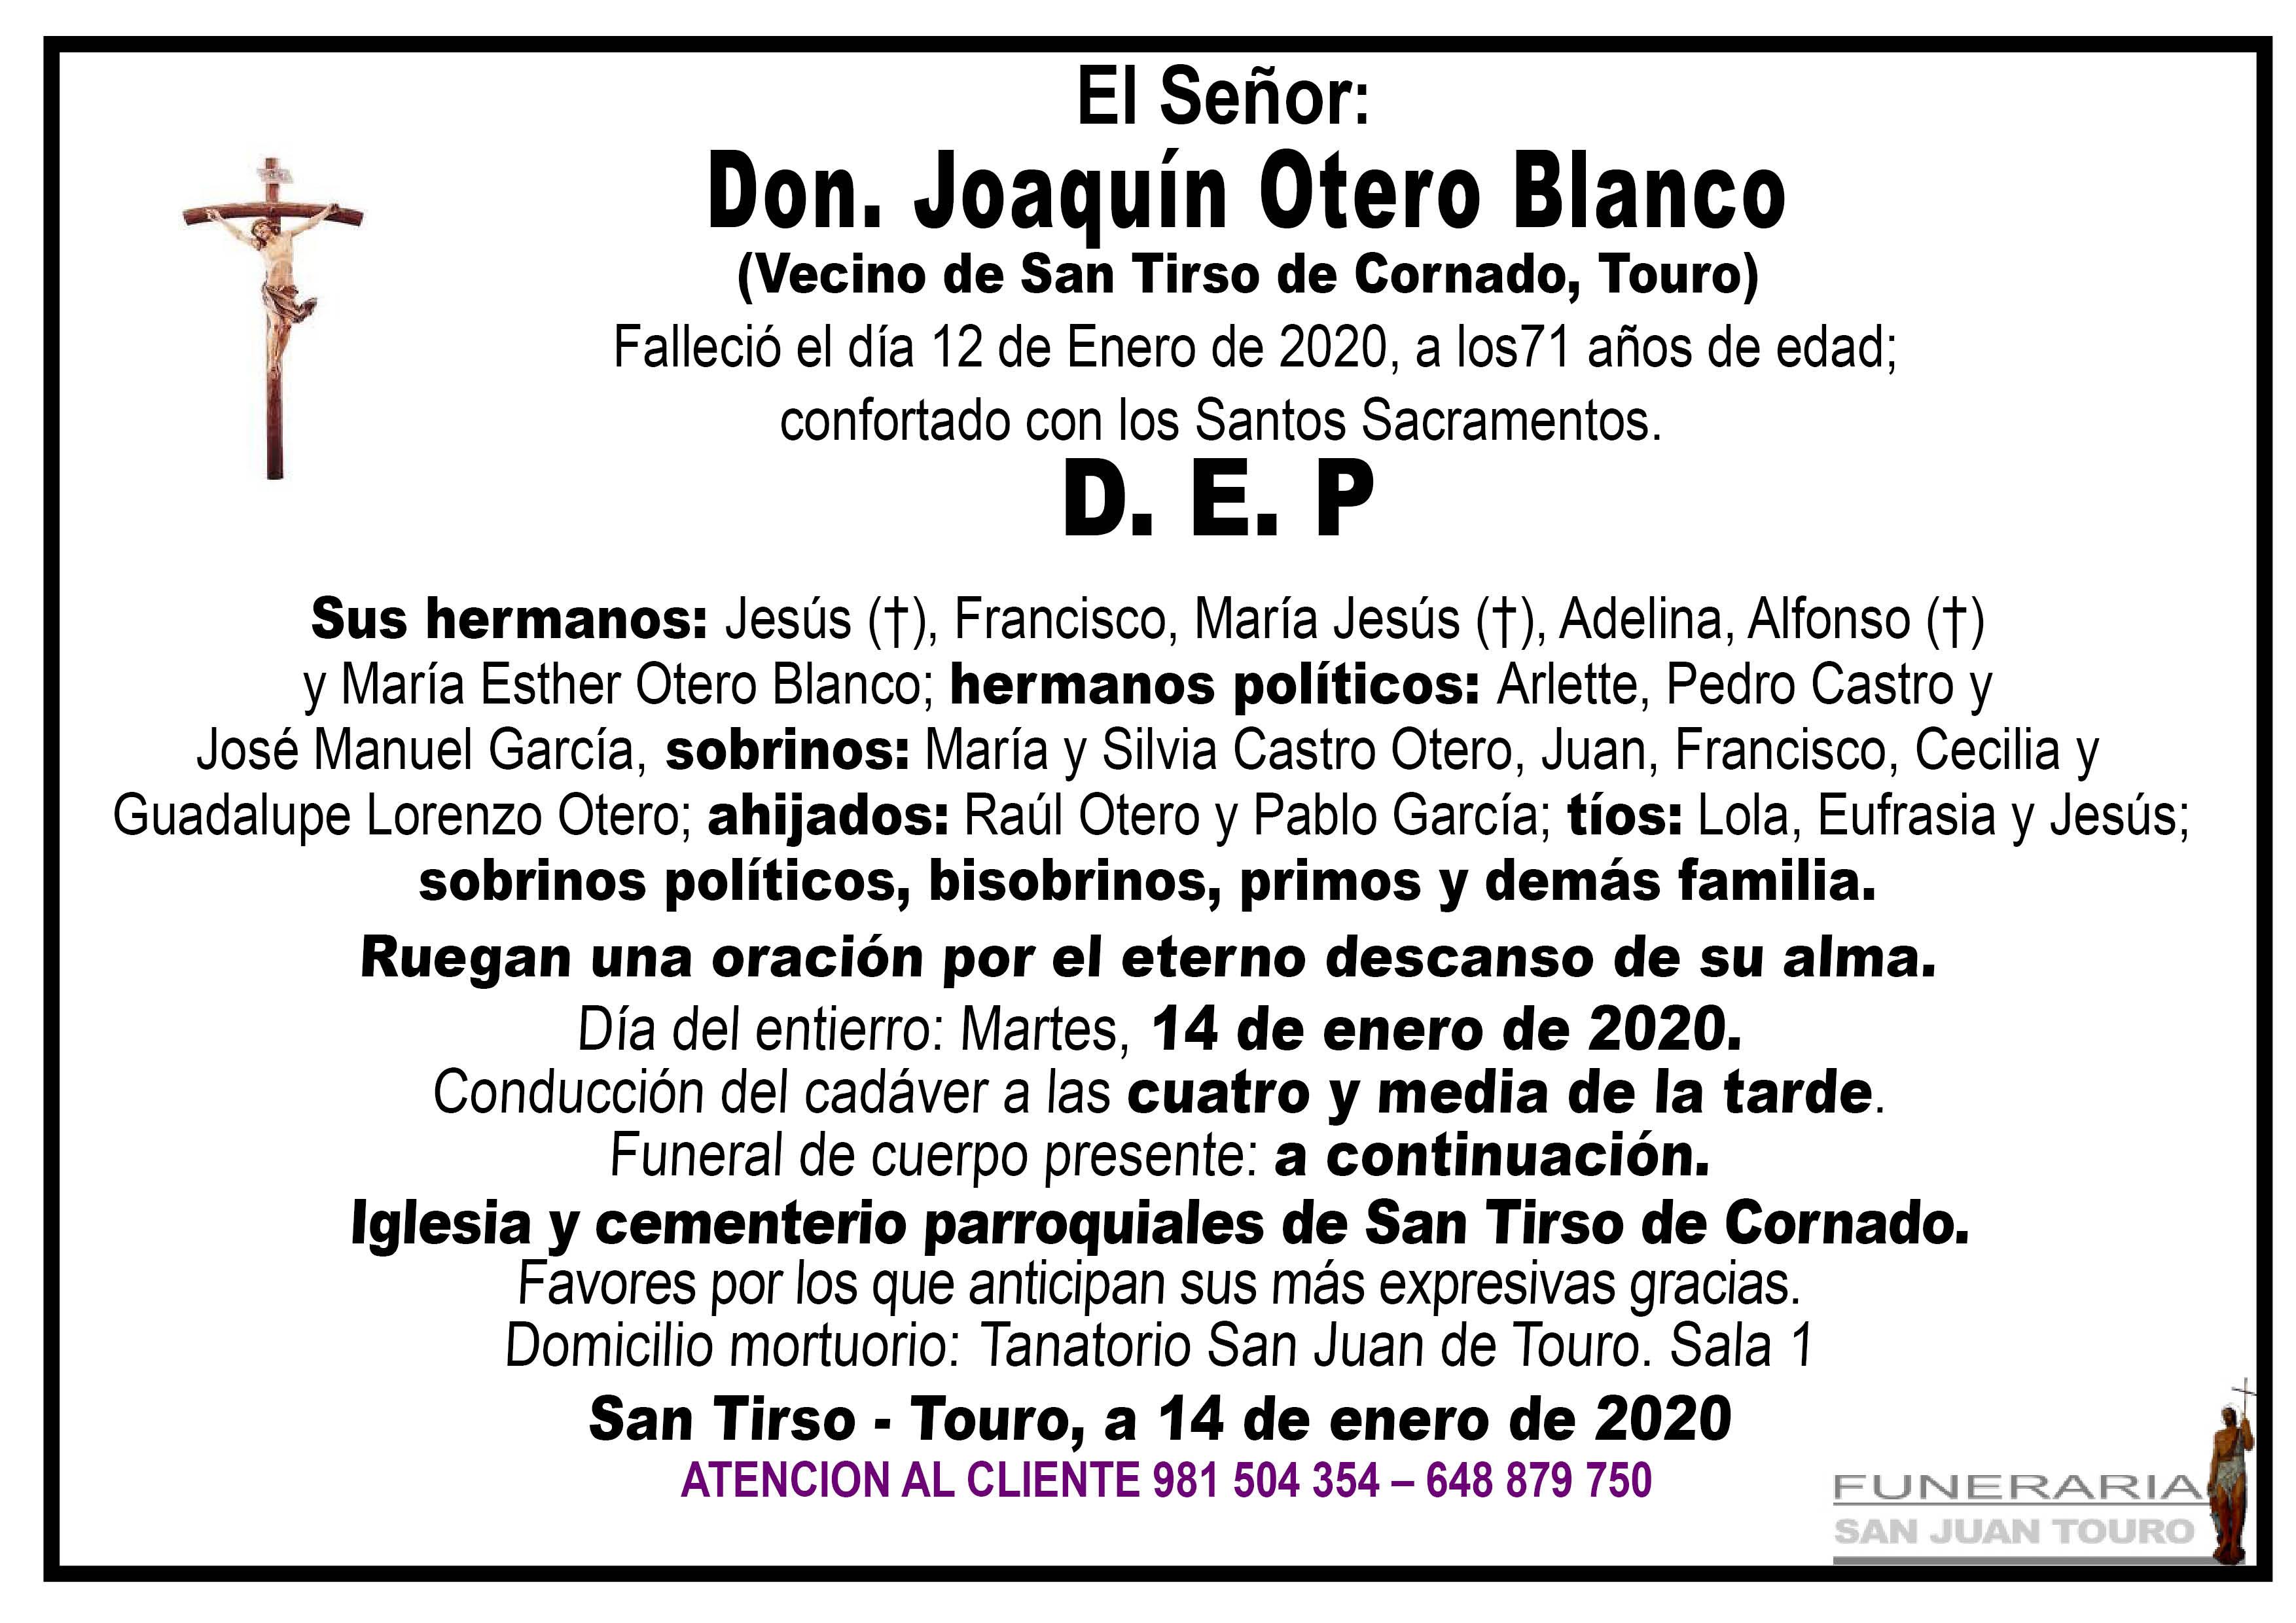 Esquela de SEPELIO DE DON JOAQUIN OTERO BLANCO